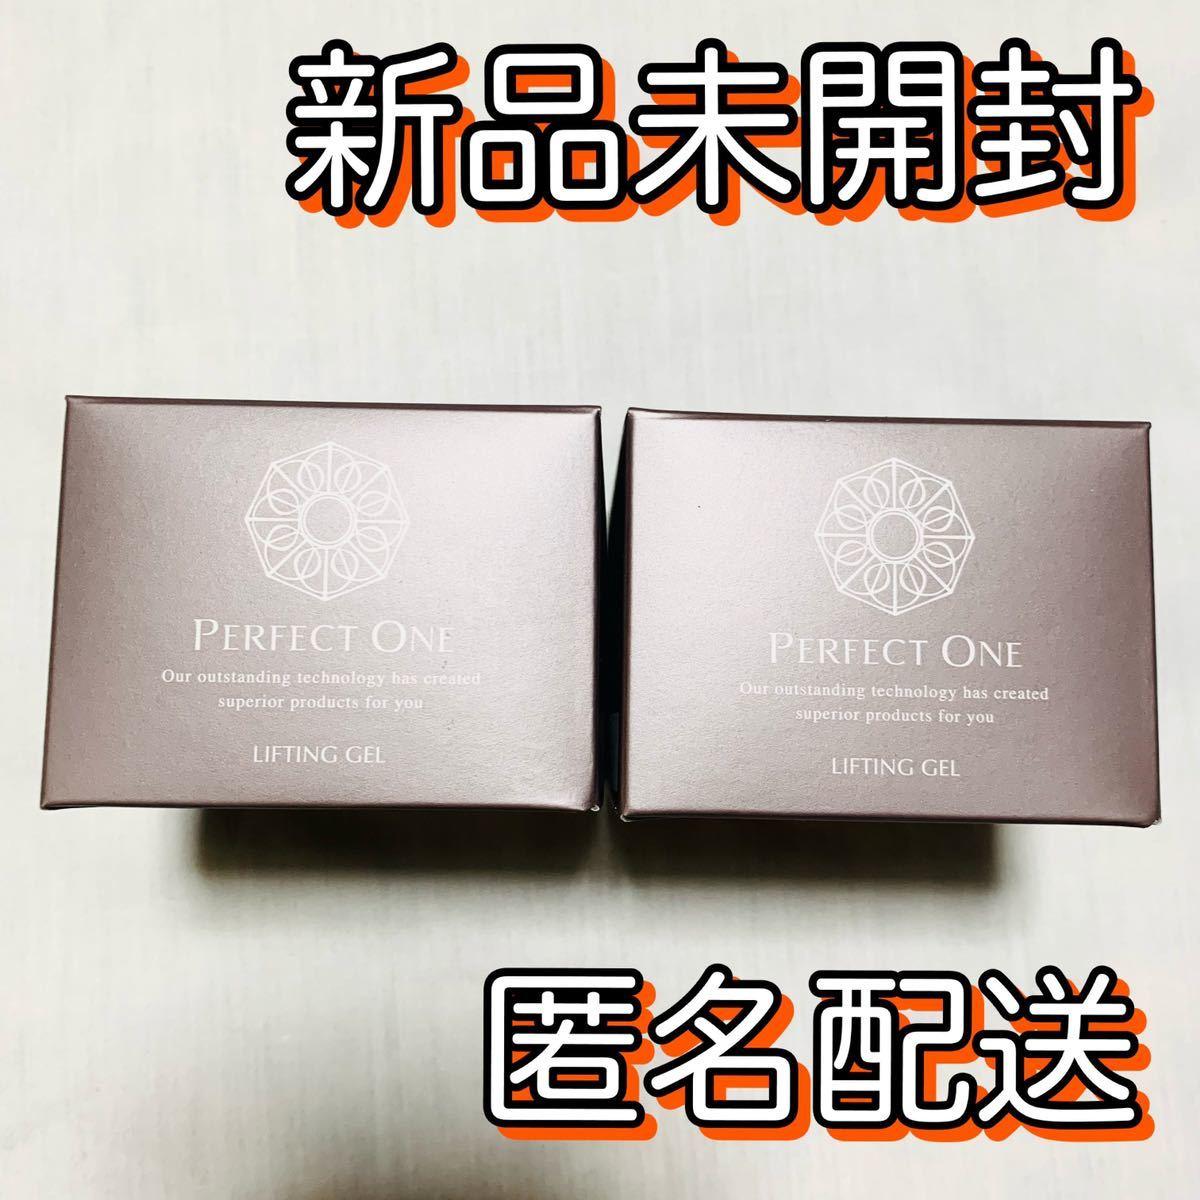 パーフェクトワン リフティングジェル 50g 2個セット 新日本製薬 オールインワンジェル 化粧水 乳液 クリーム 美容液 化粧下 スキンケア